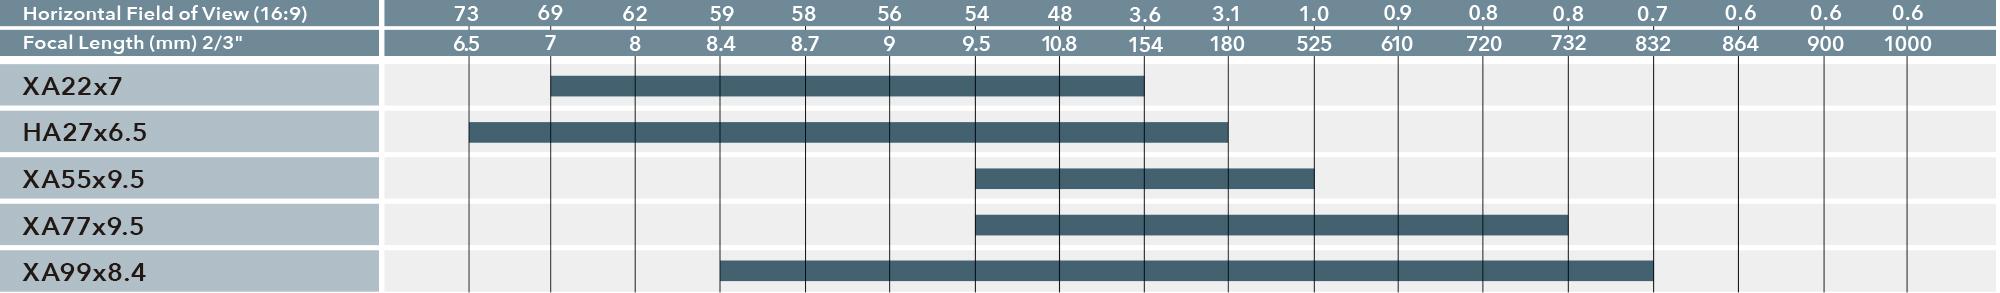 [imagen] Gráfico que compara el campo de visión horizontal (16:9) y la longitud focal (2/3pulgada) por número de modelo